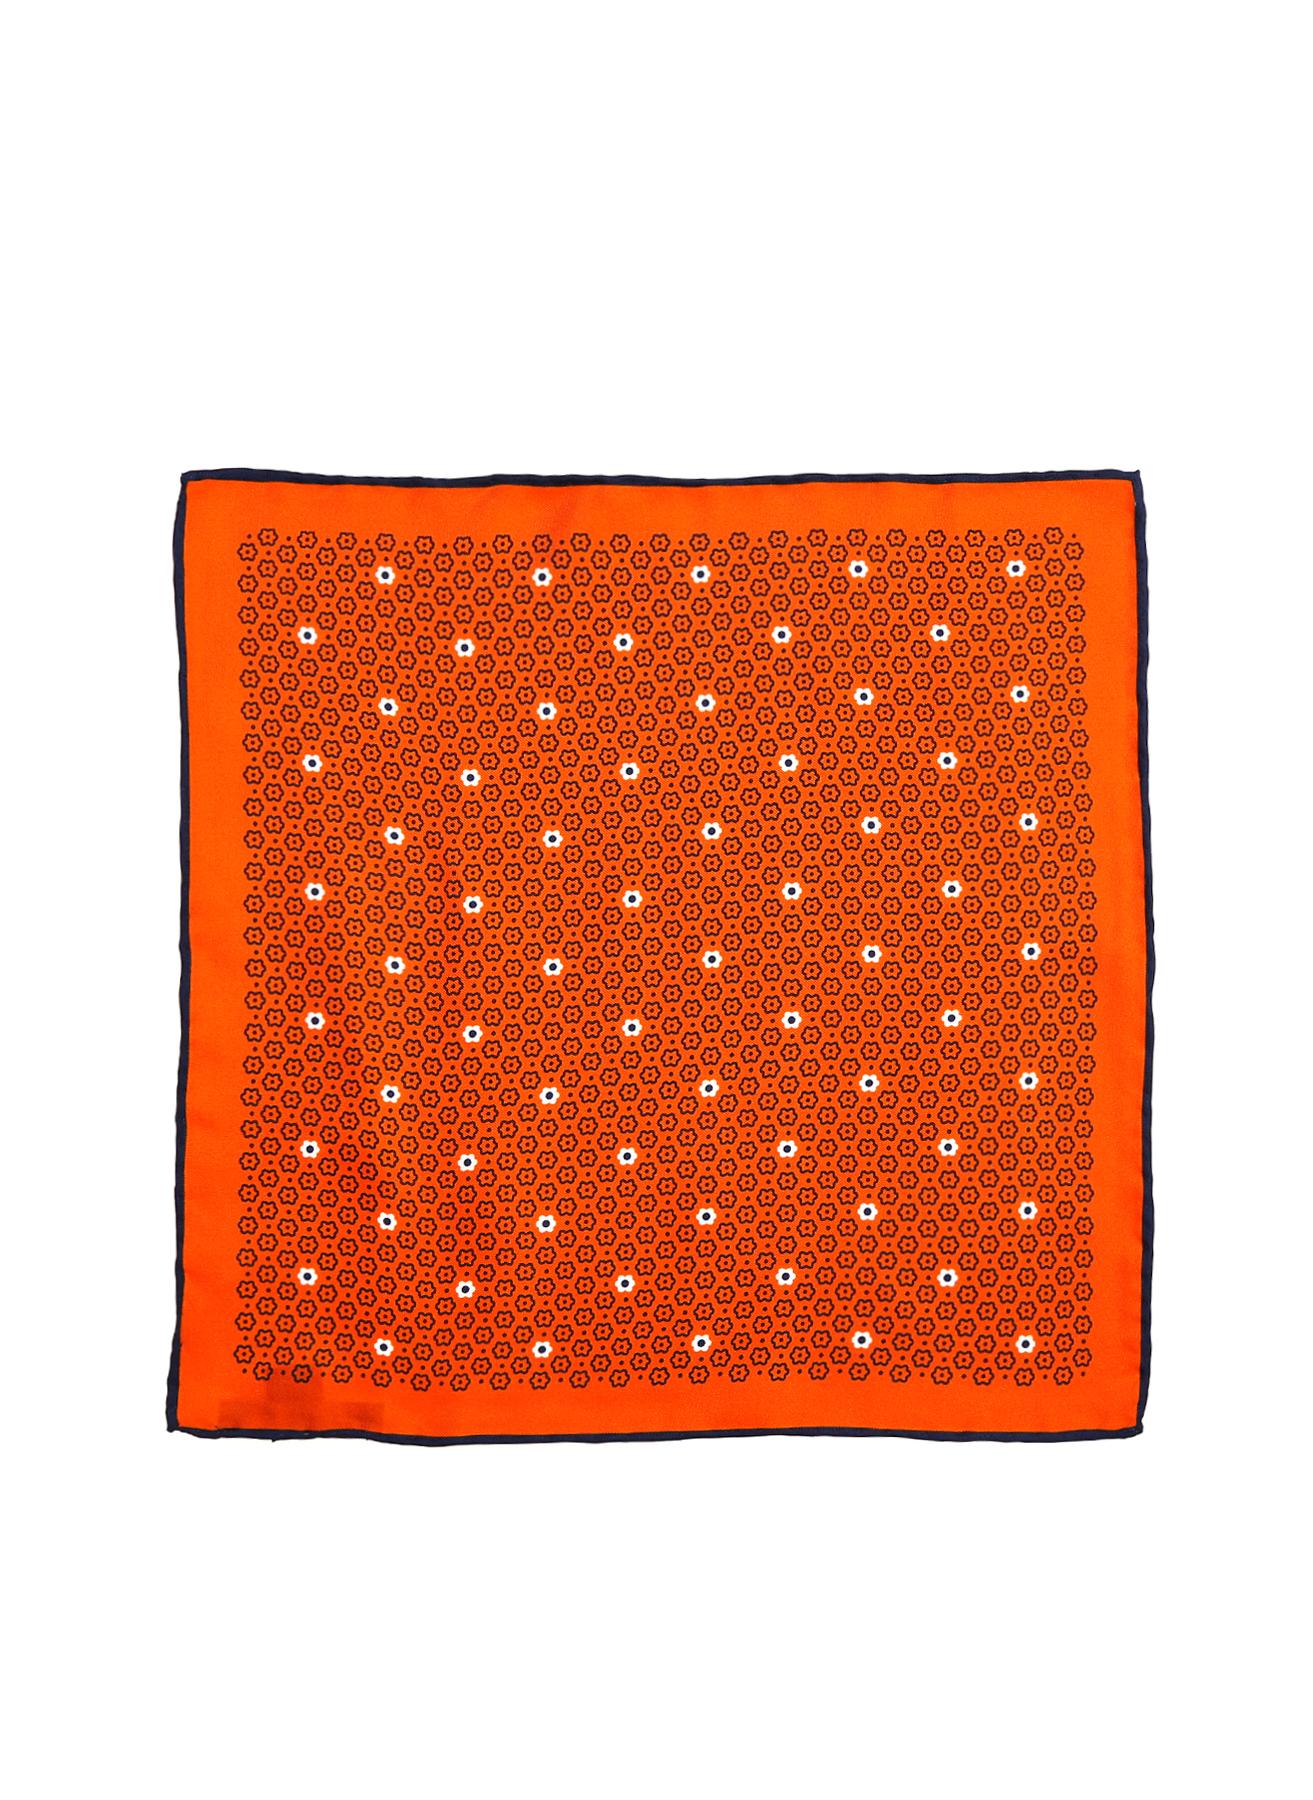 George Hogg Geometrik Desenli Turuncu İpek Mendil 5002356642001 Ürün Resmi